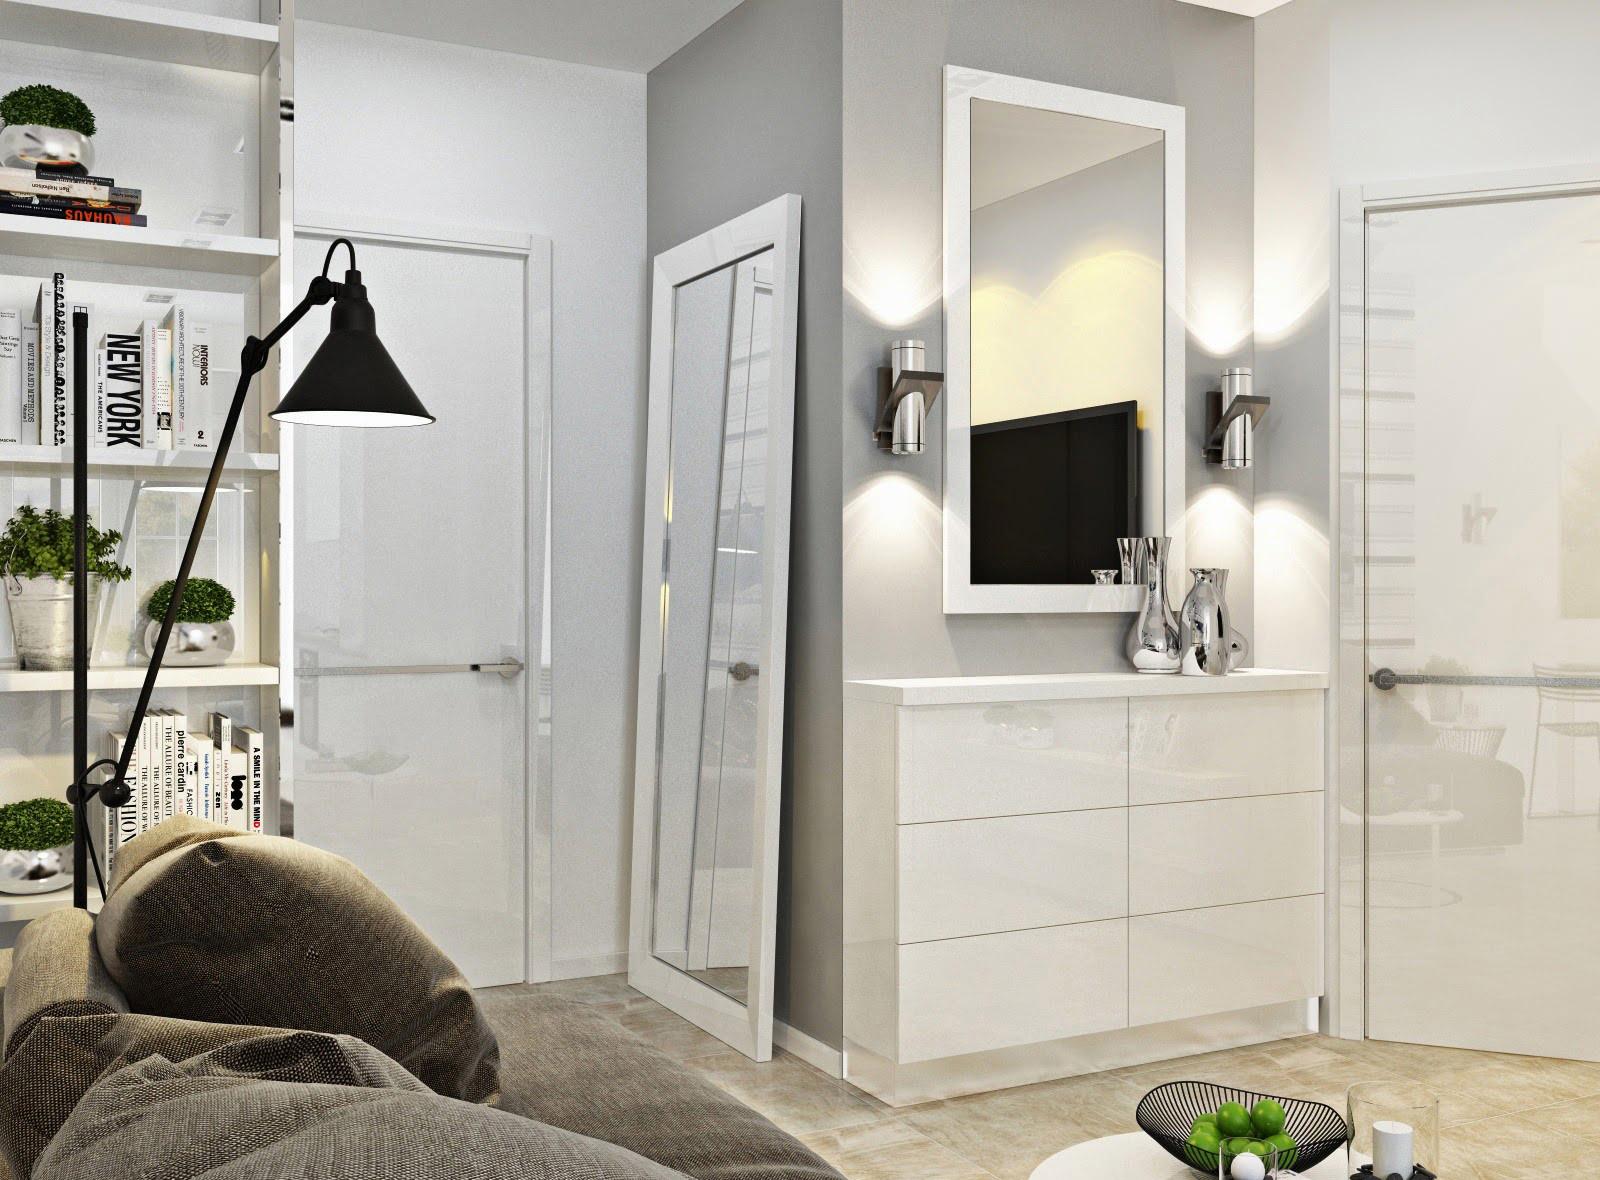 Как отремонтировать «убитую» квартиру дешево и быстро – 6 важных советов дизайнеров